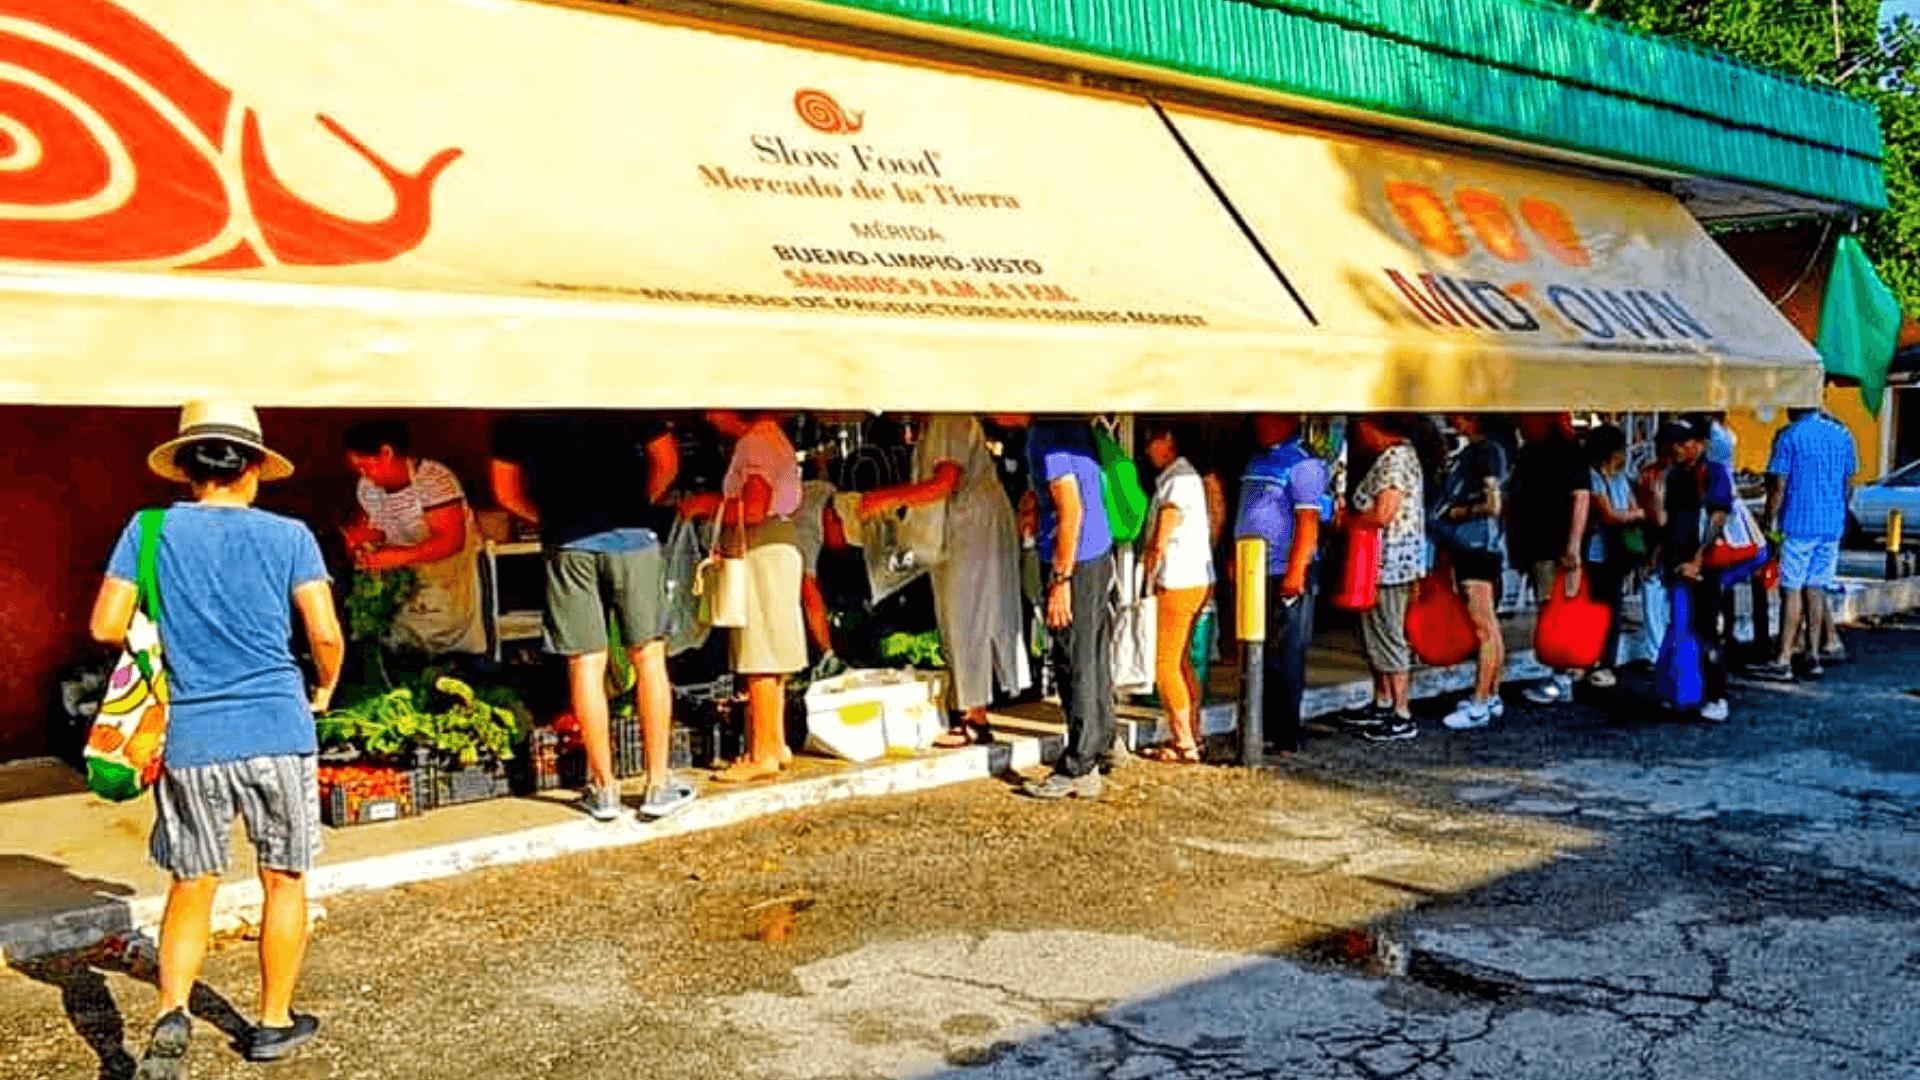 slow food market in merida mexico